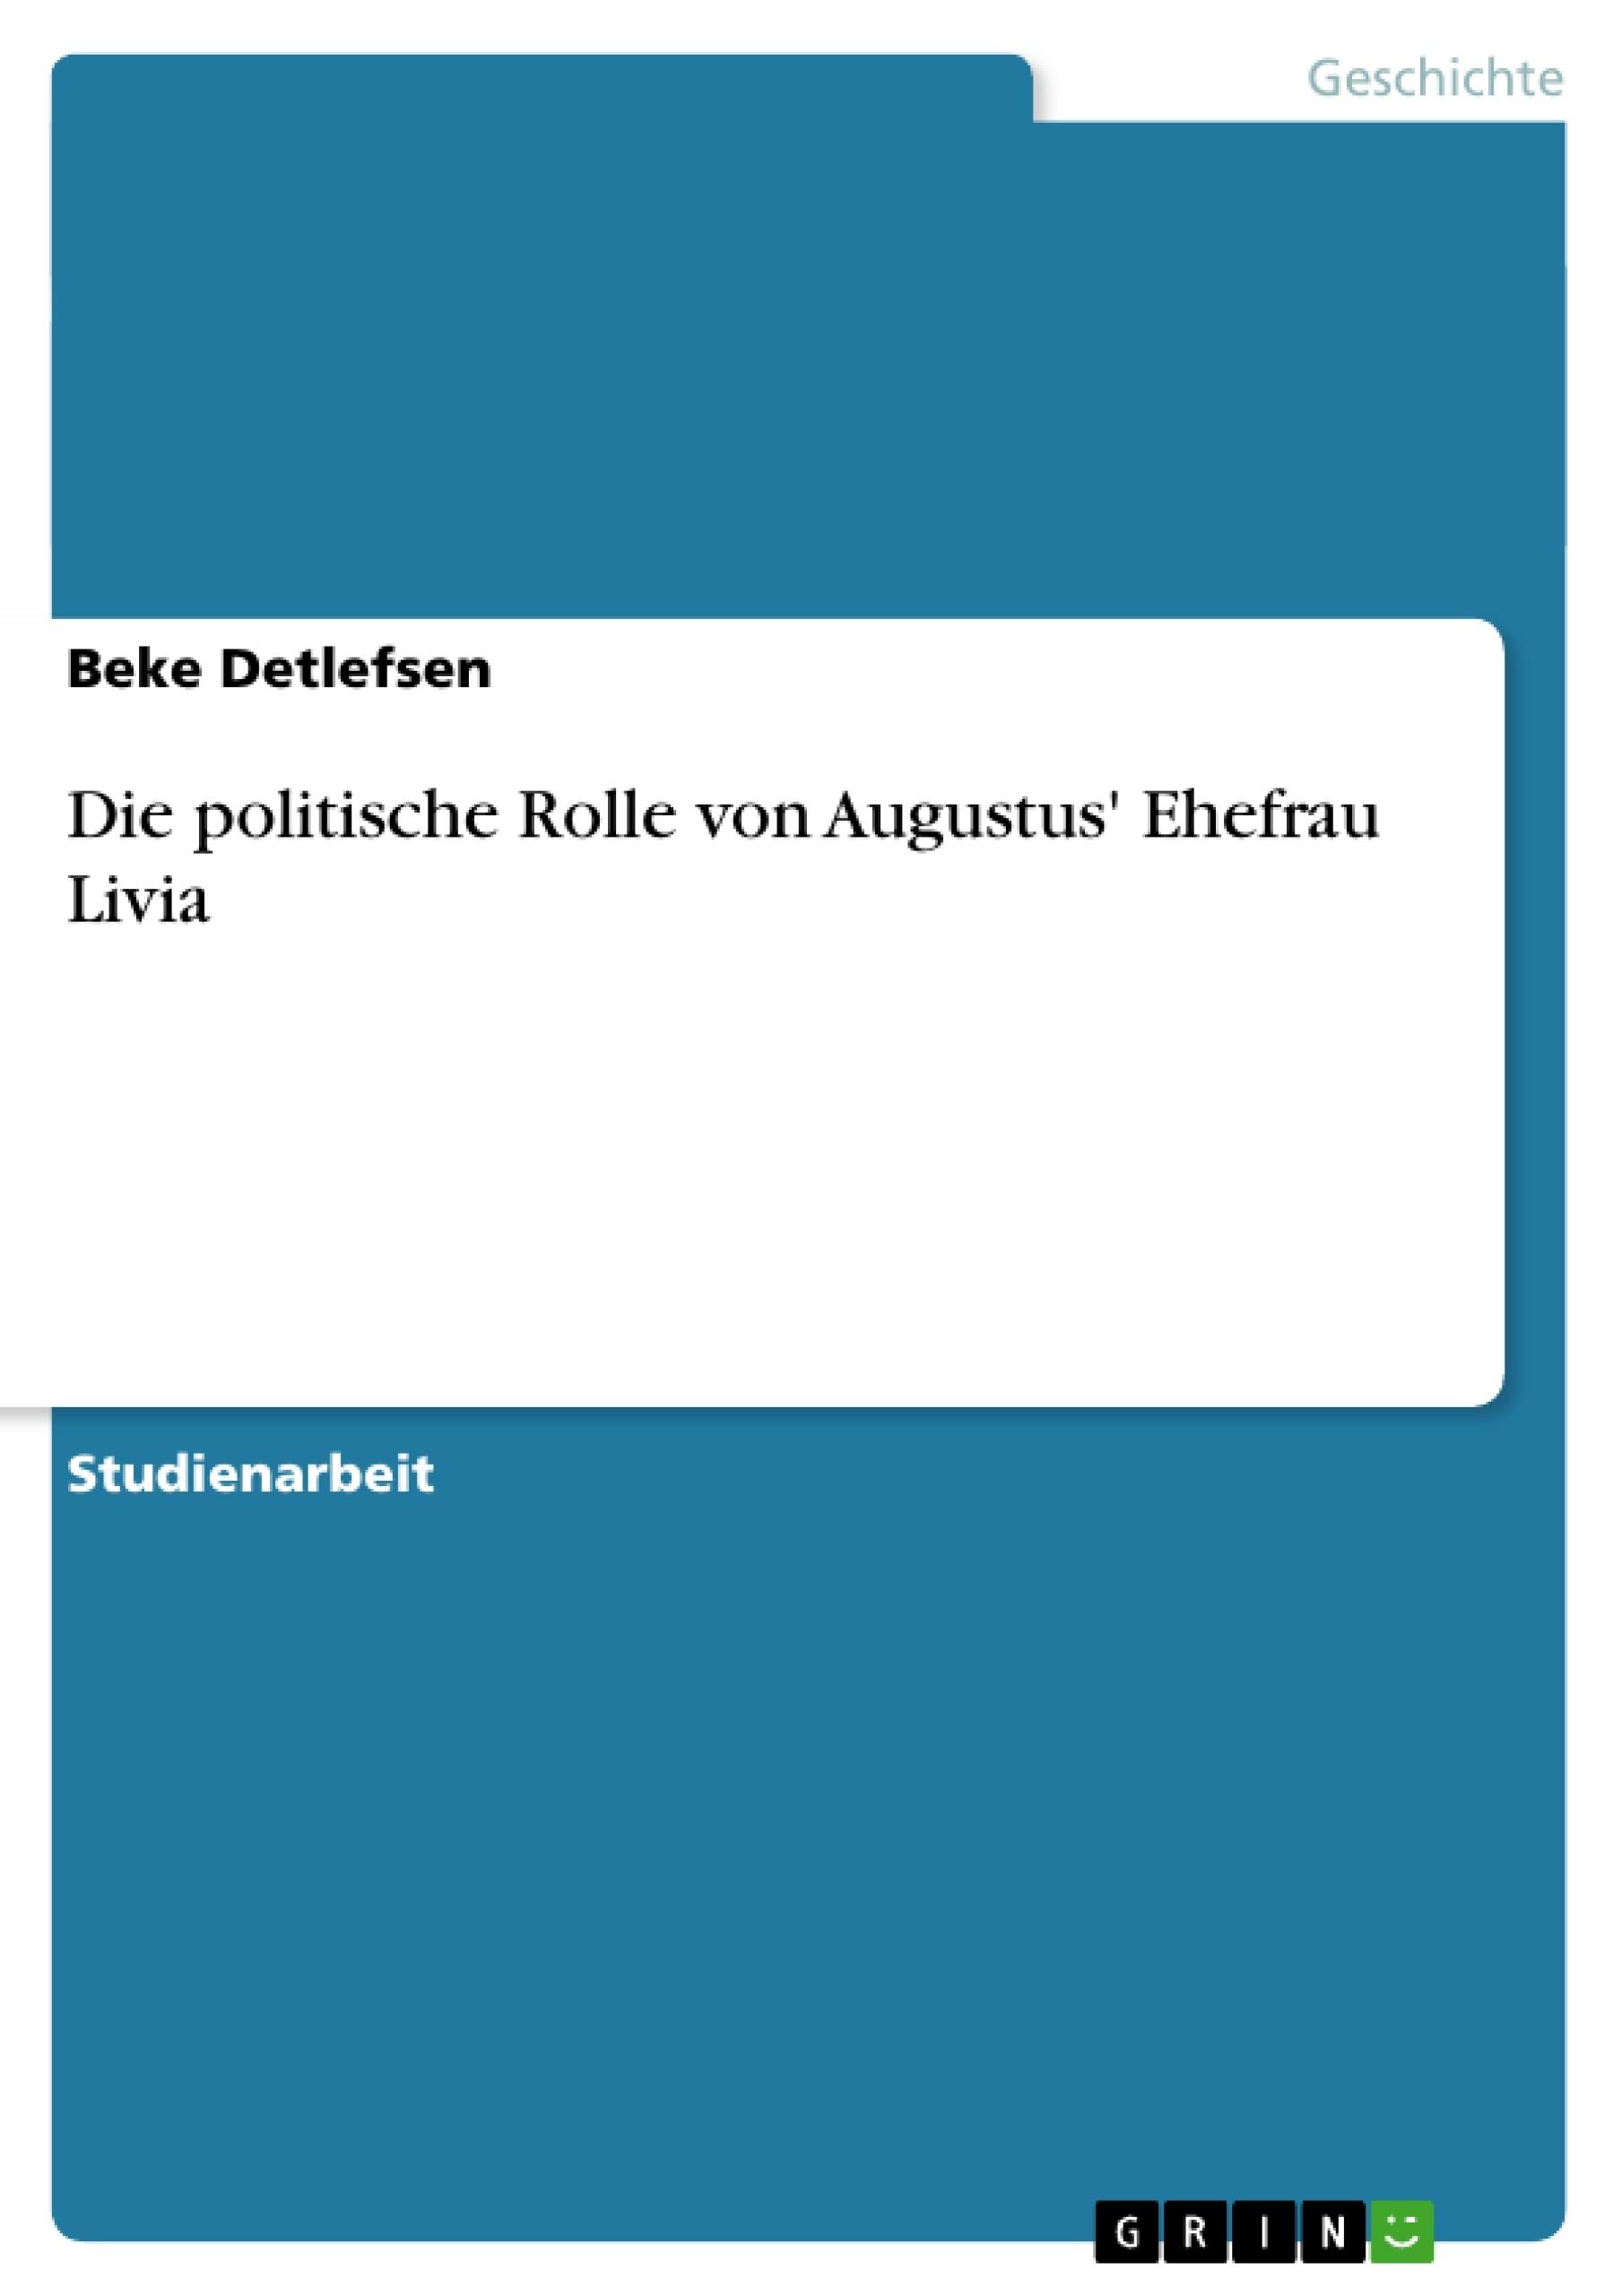 Titel: Die politische Rolle von Augustus' Ehefrau Livia